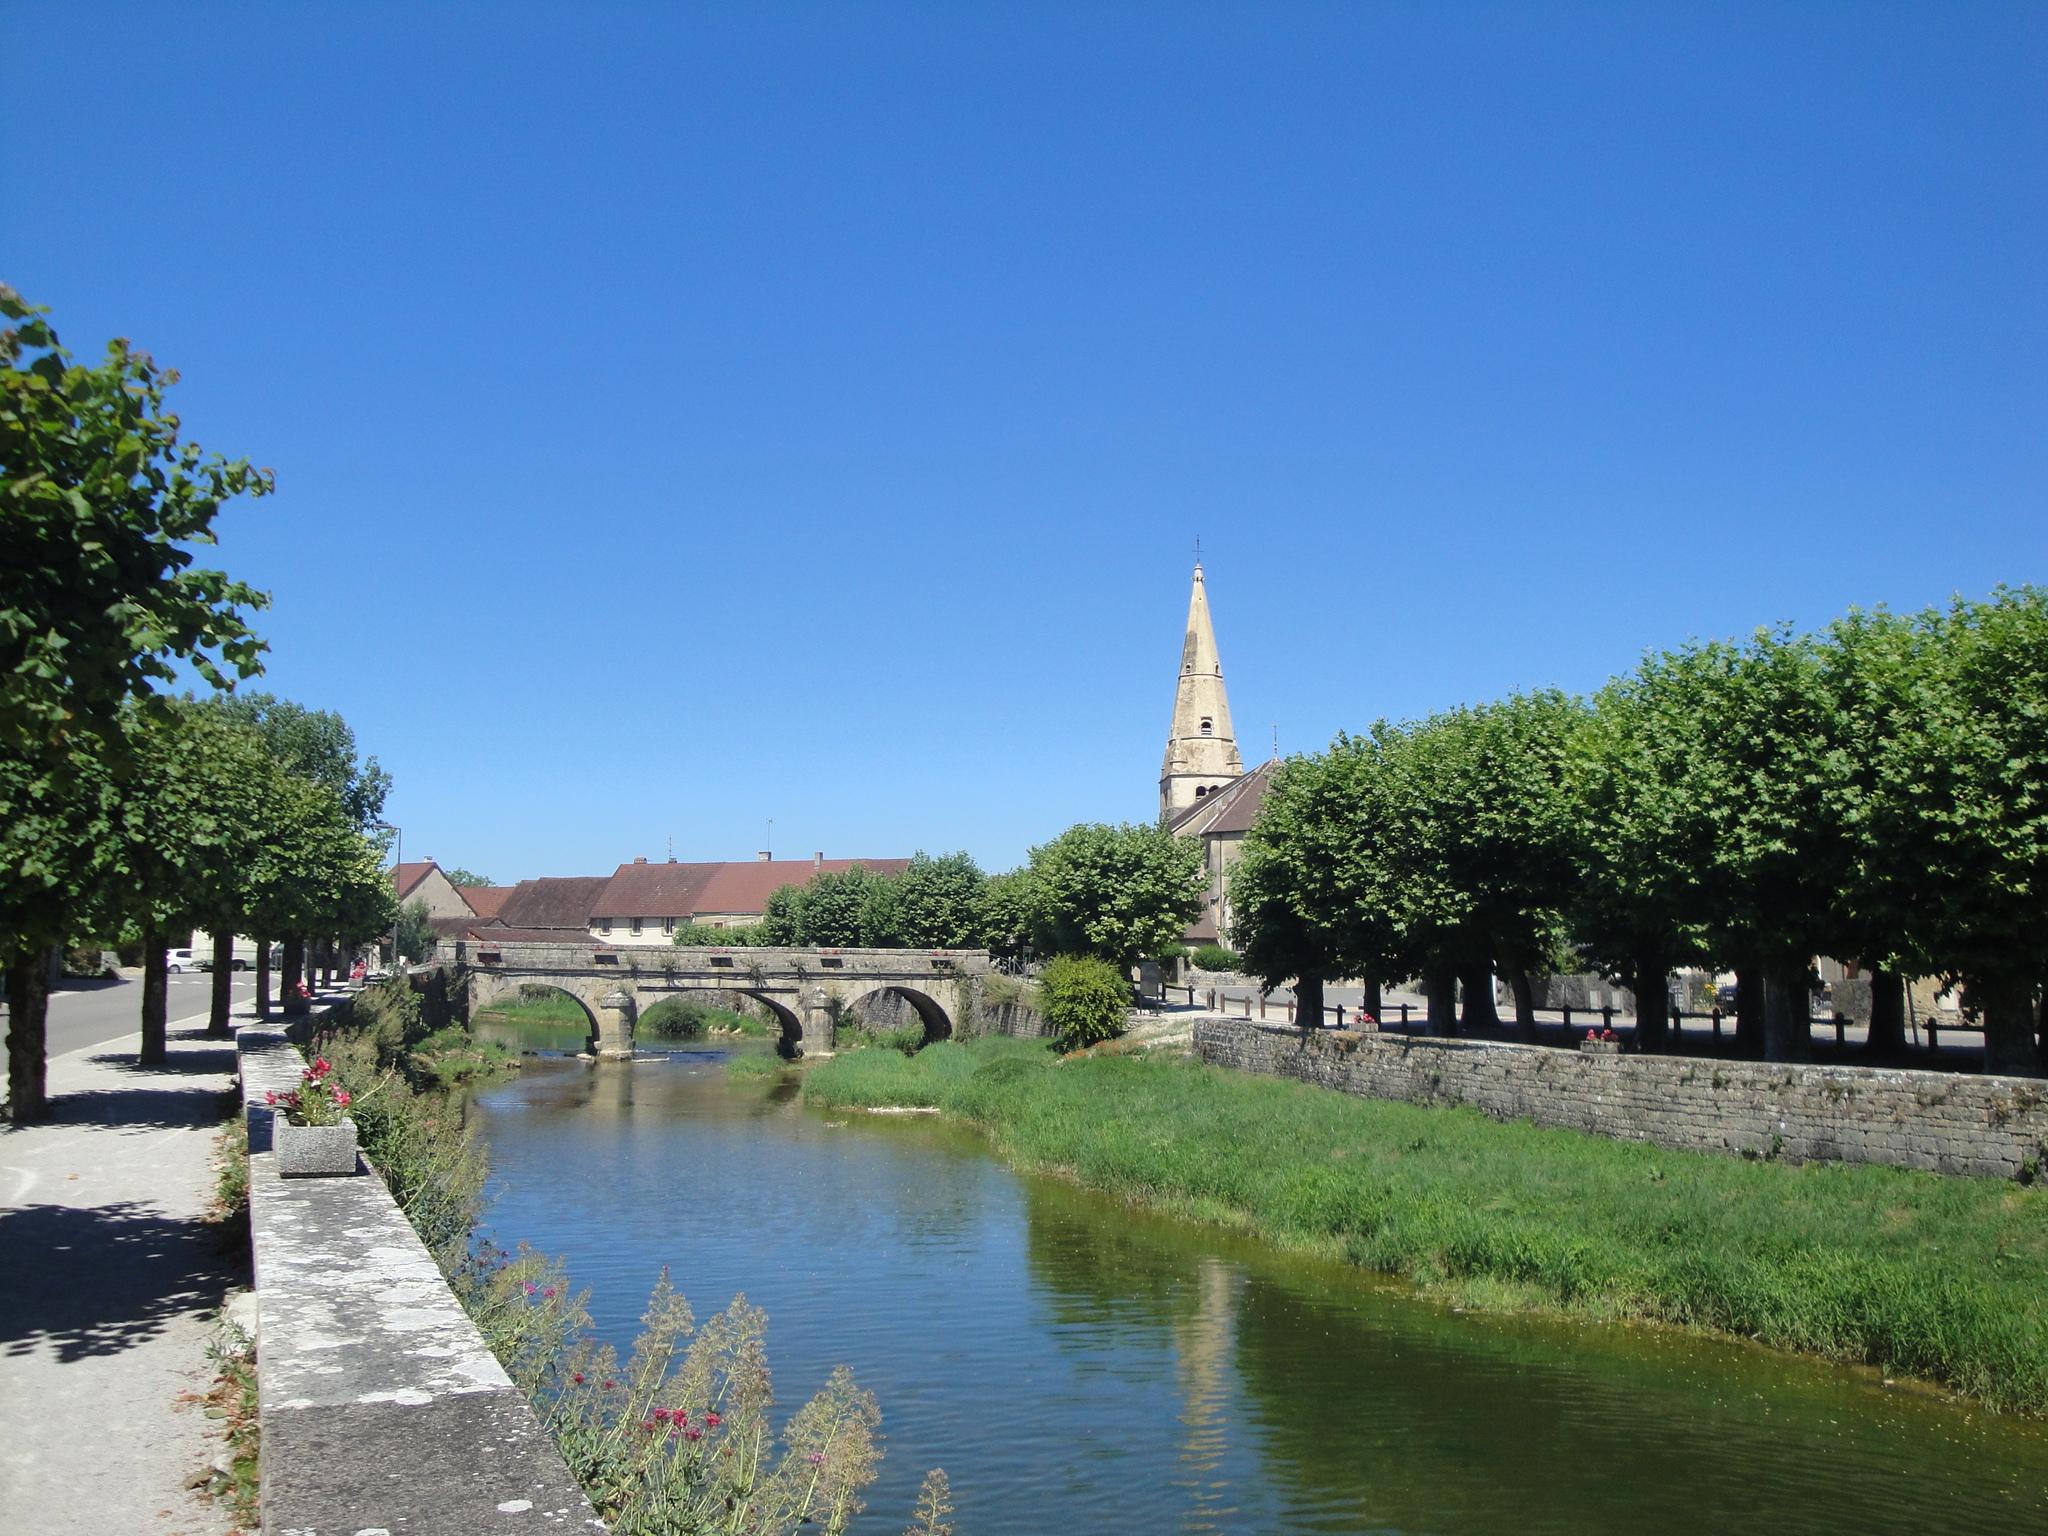 Moulin dans le jura français, en location par Ar'Pi Vision SA